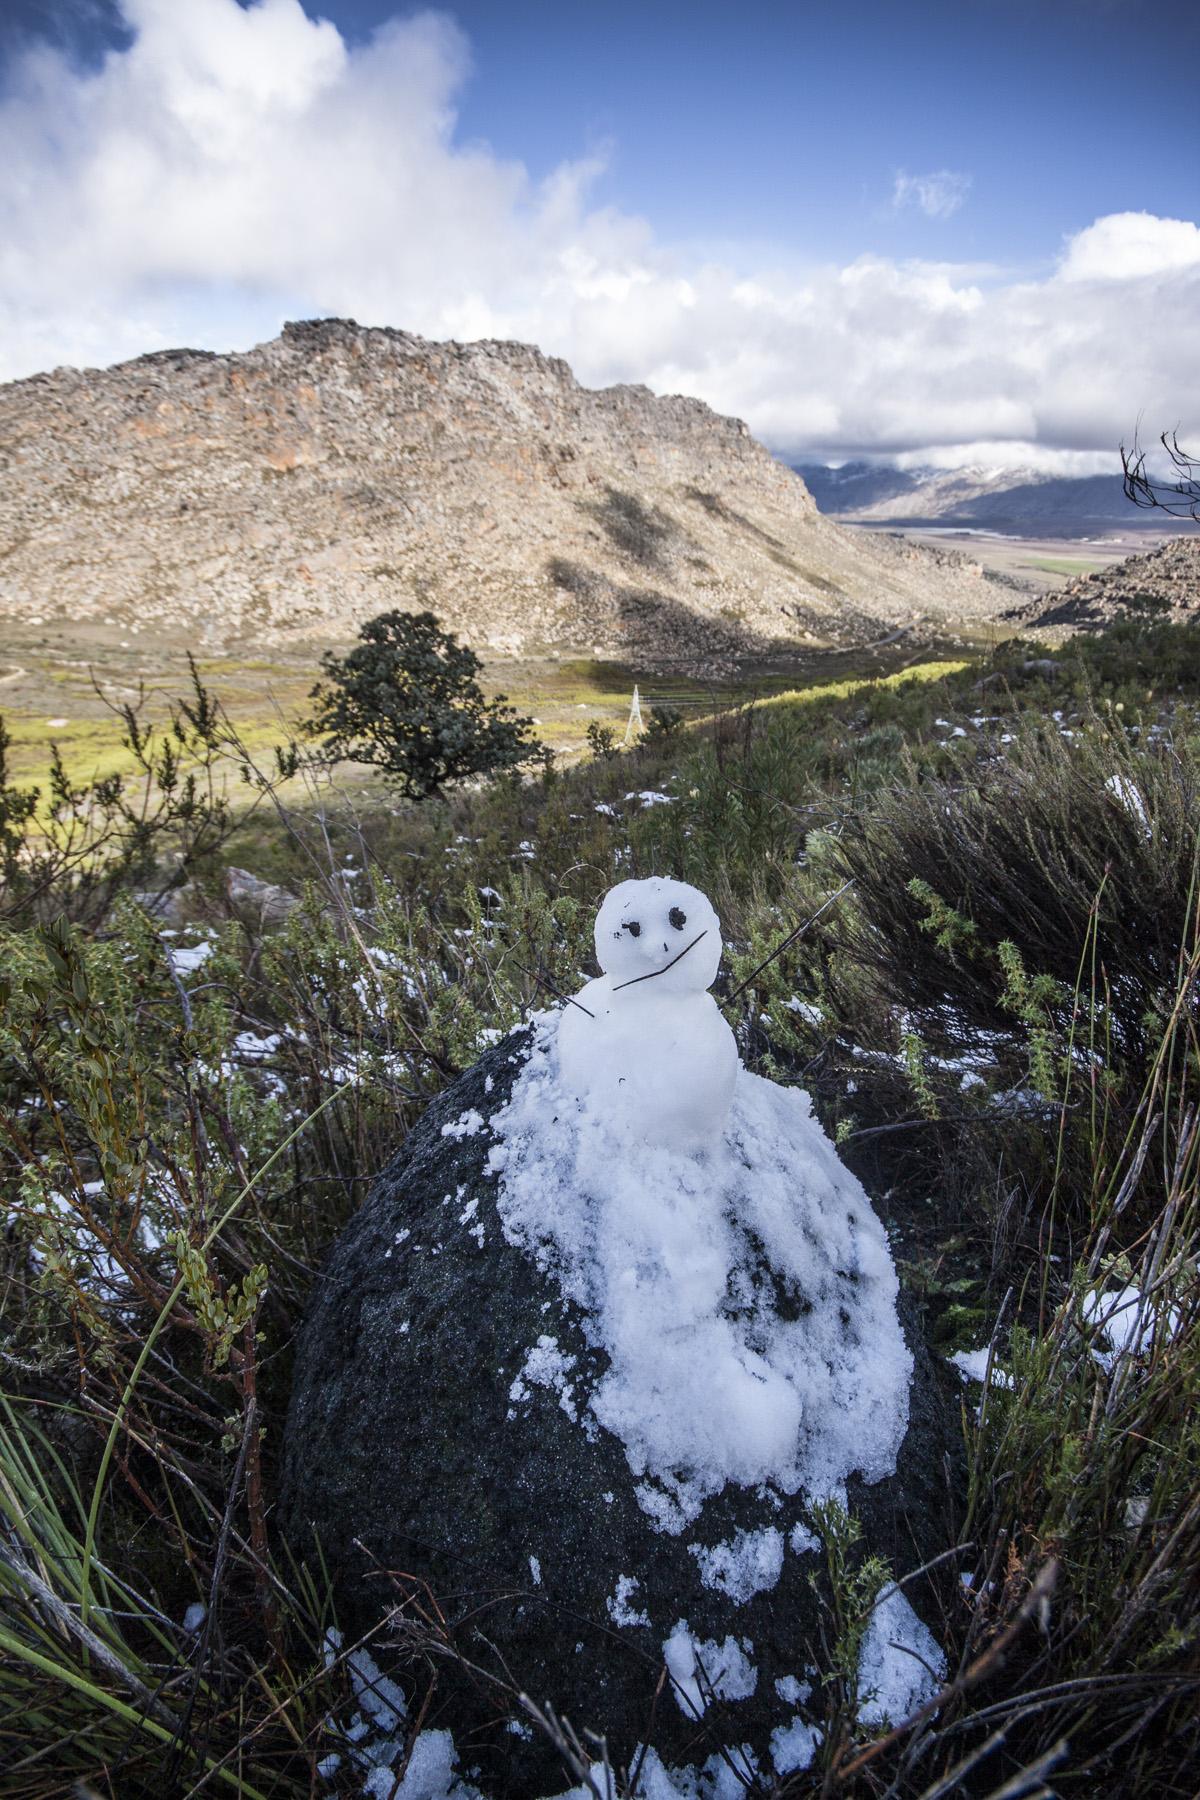 ceres-snowman